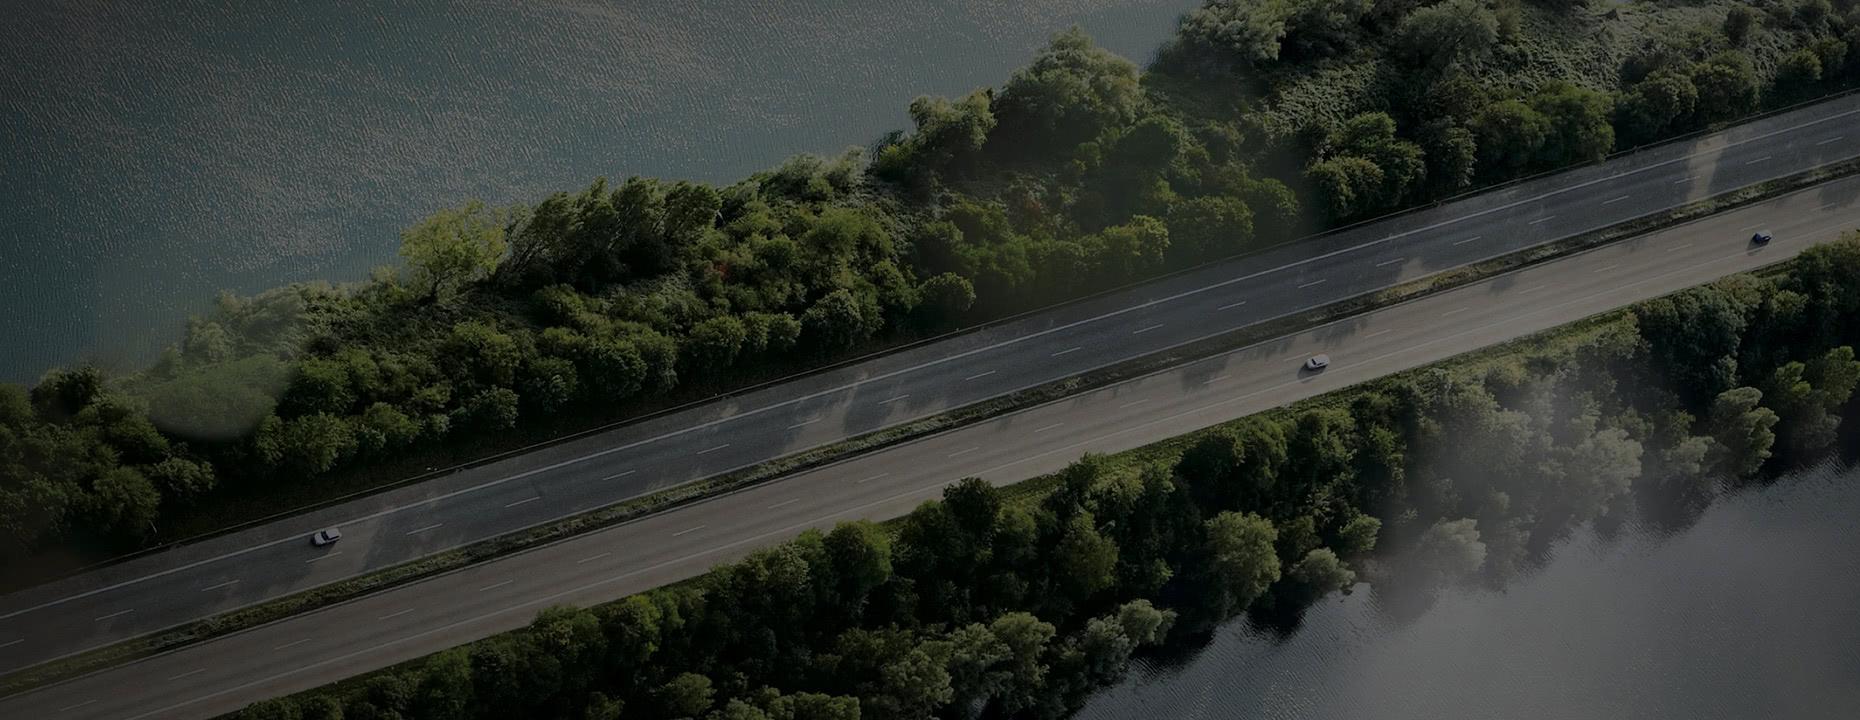 Hyundai Motor Group створив концепт бездротової зарядки електромобілів і паркувального автопілота | Автопалац Тернопіль - фото 9